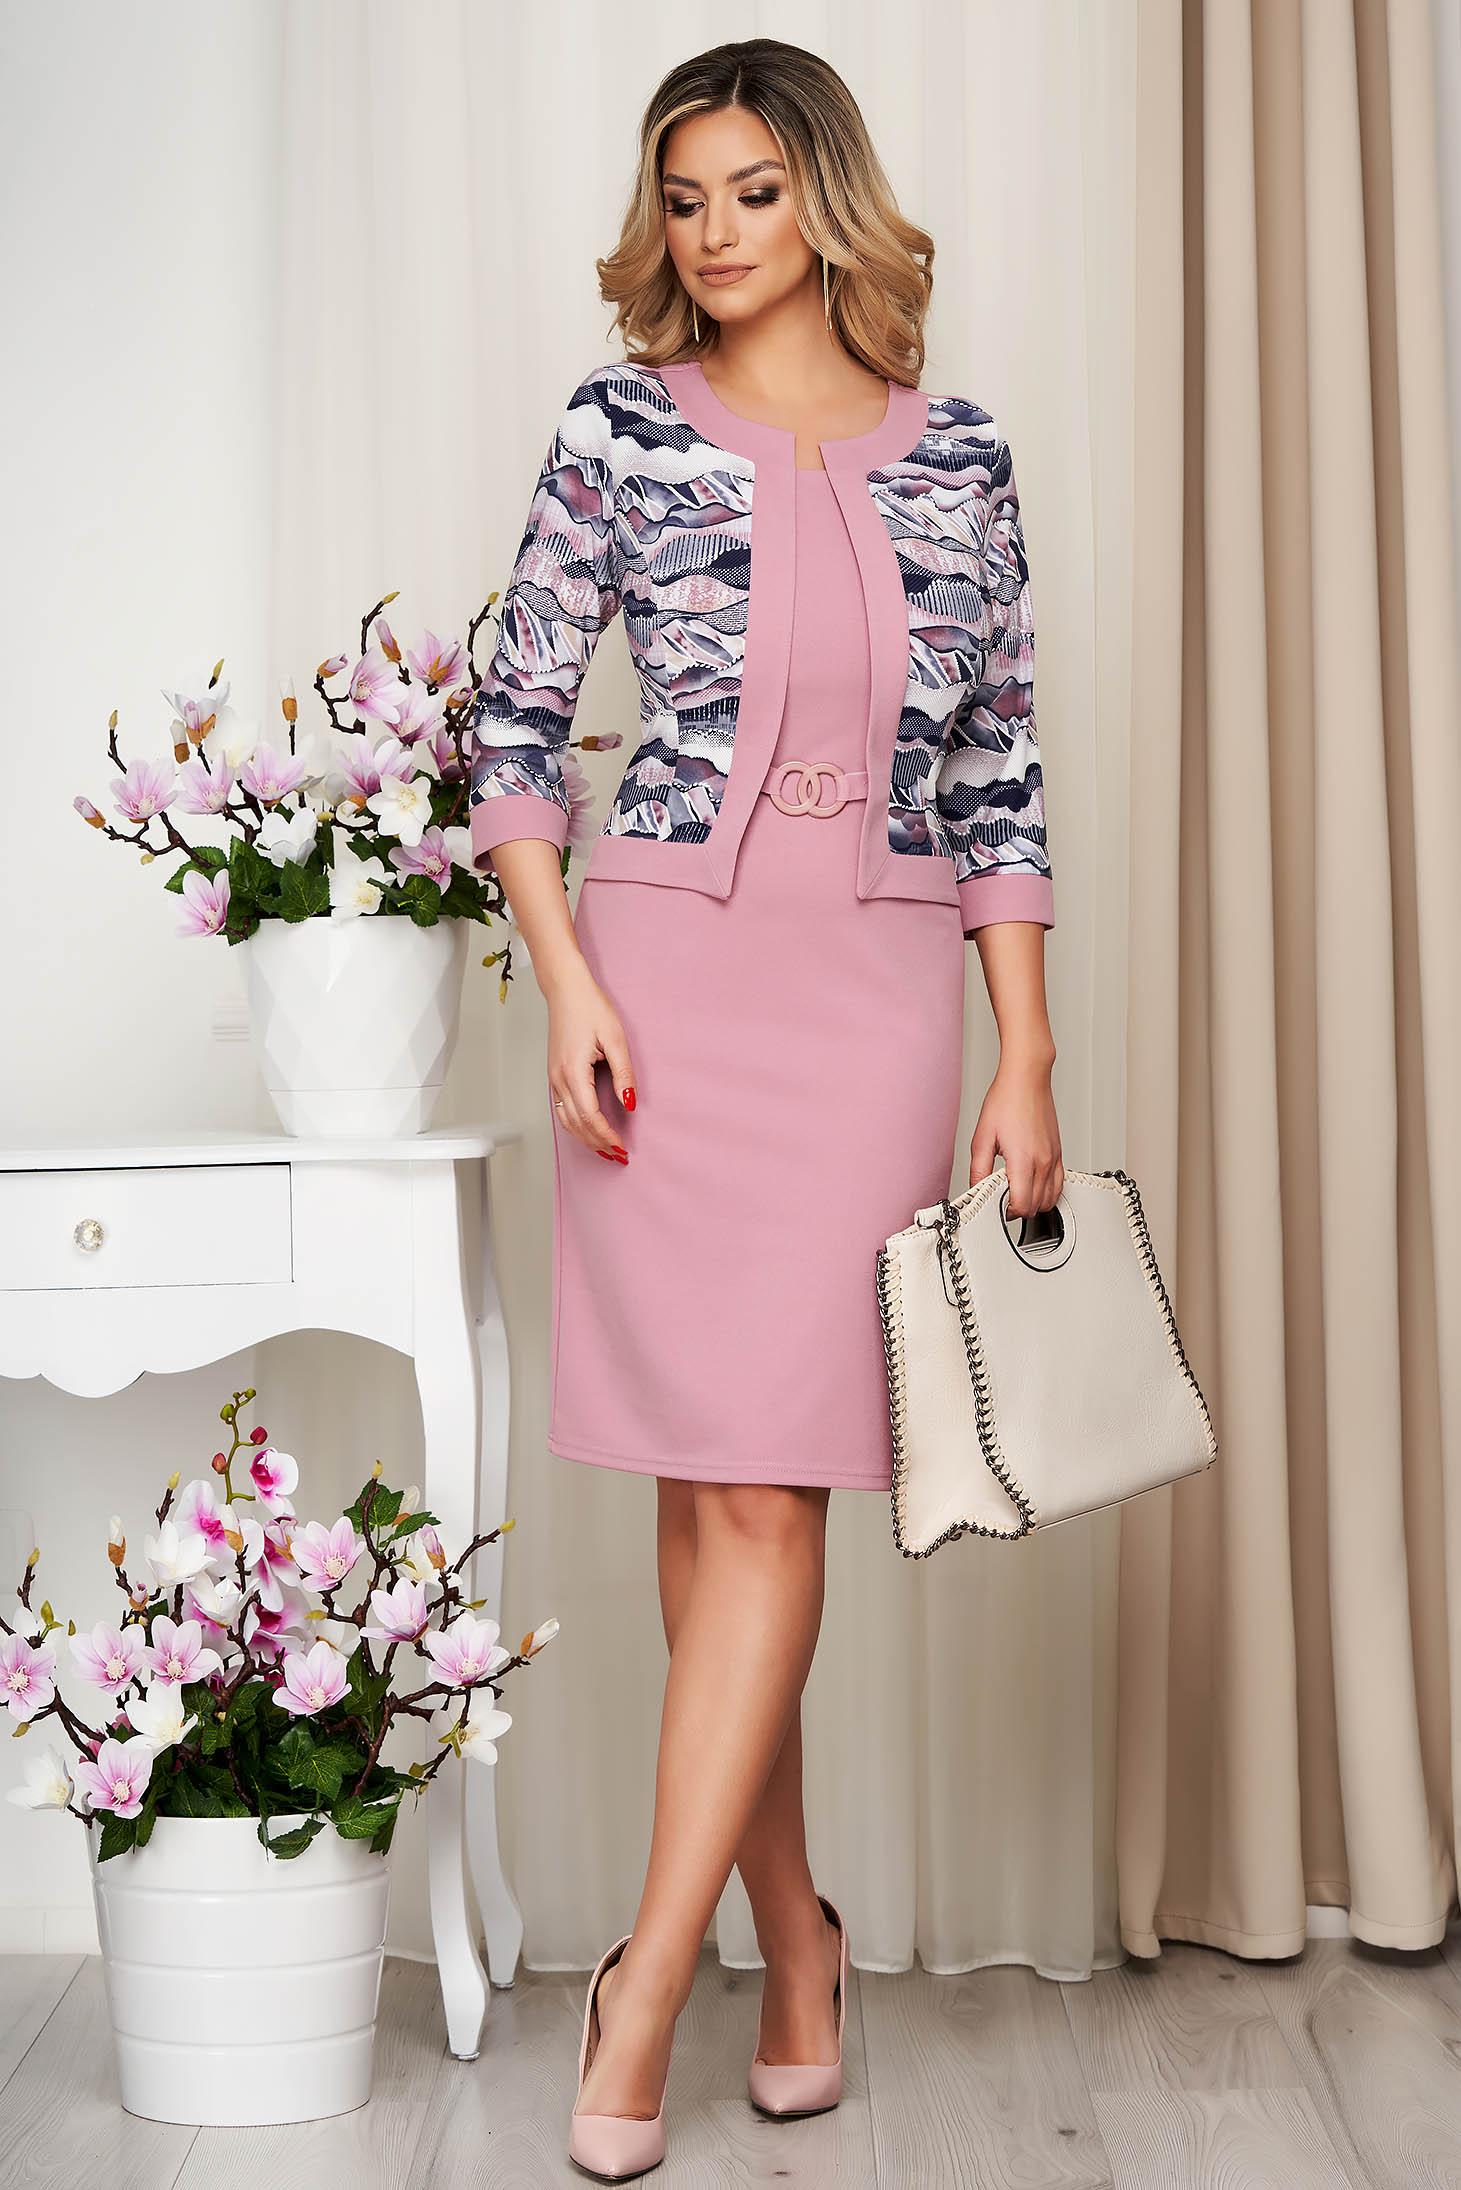 Rochie Lady Pandora roz tip creion din material usor elastic cu cardigan fals